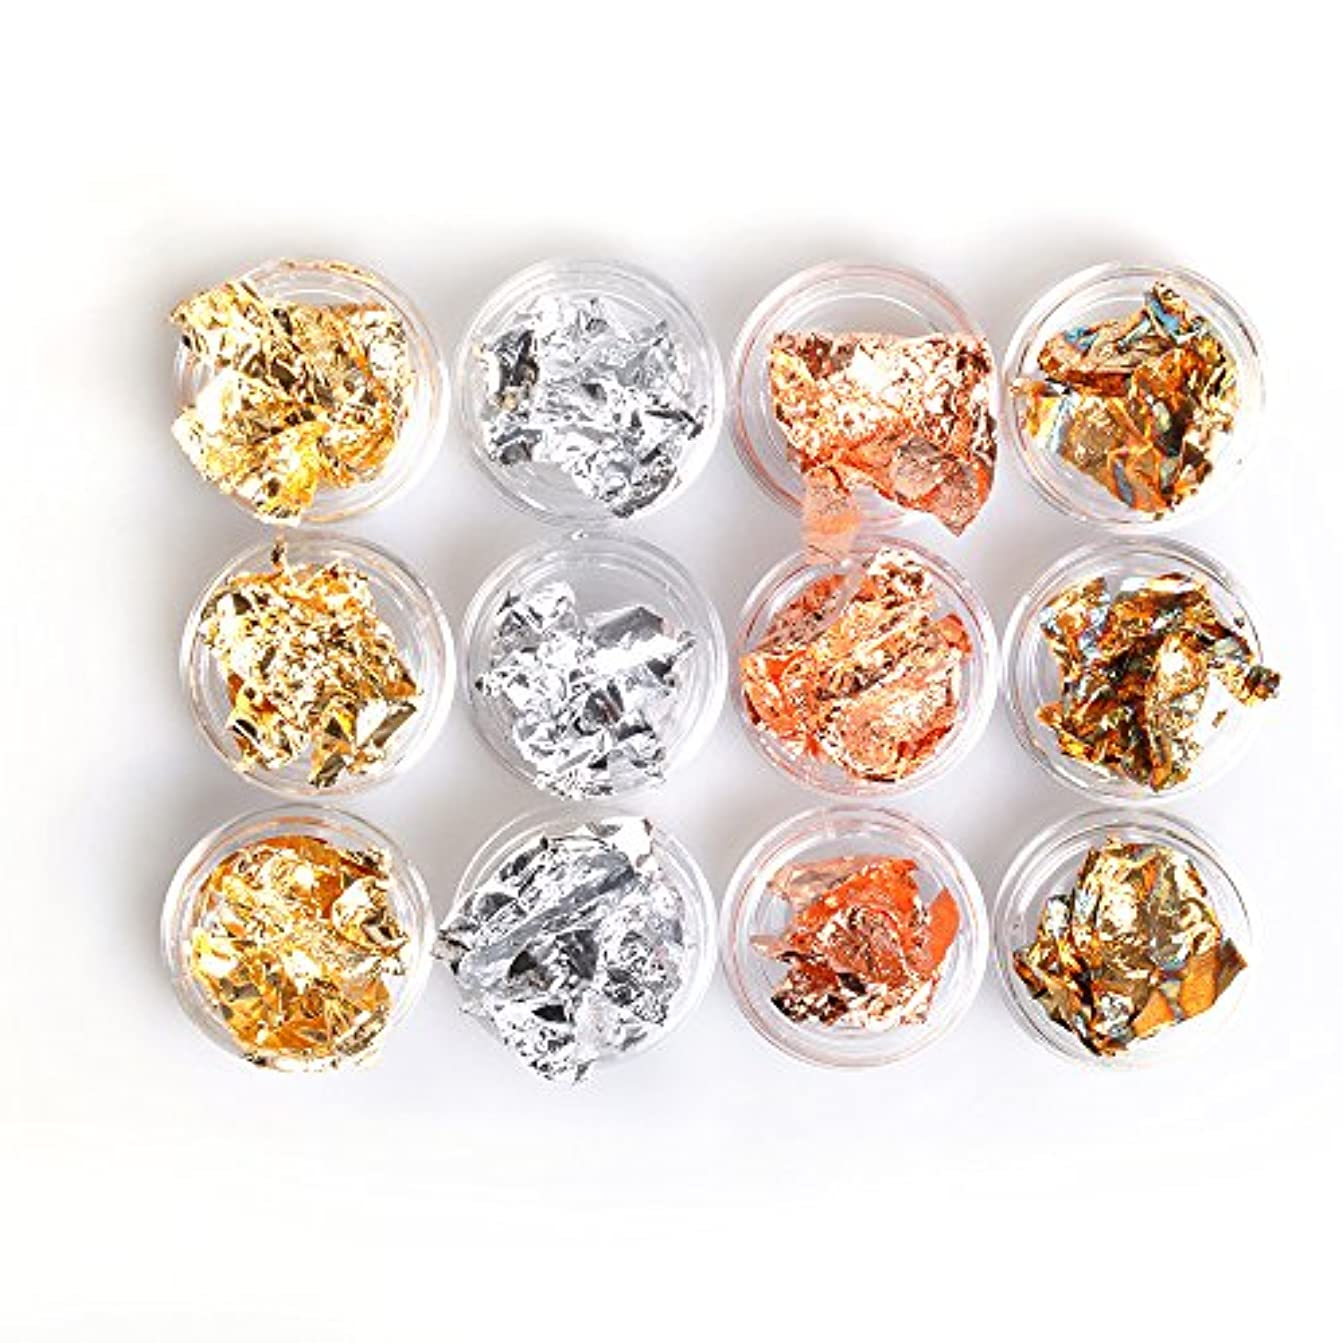 鉱夫赤面購入ネイルパーツ ネイル用品金箔 銀箔 12個入り 4色 ケース付き ネイルパーツ ジェルネイル用品